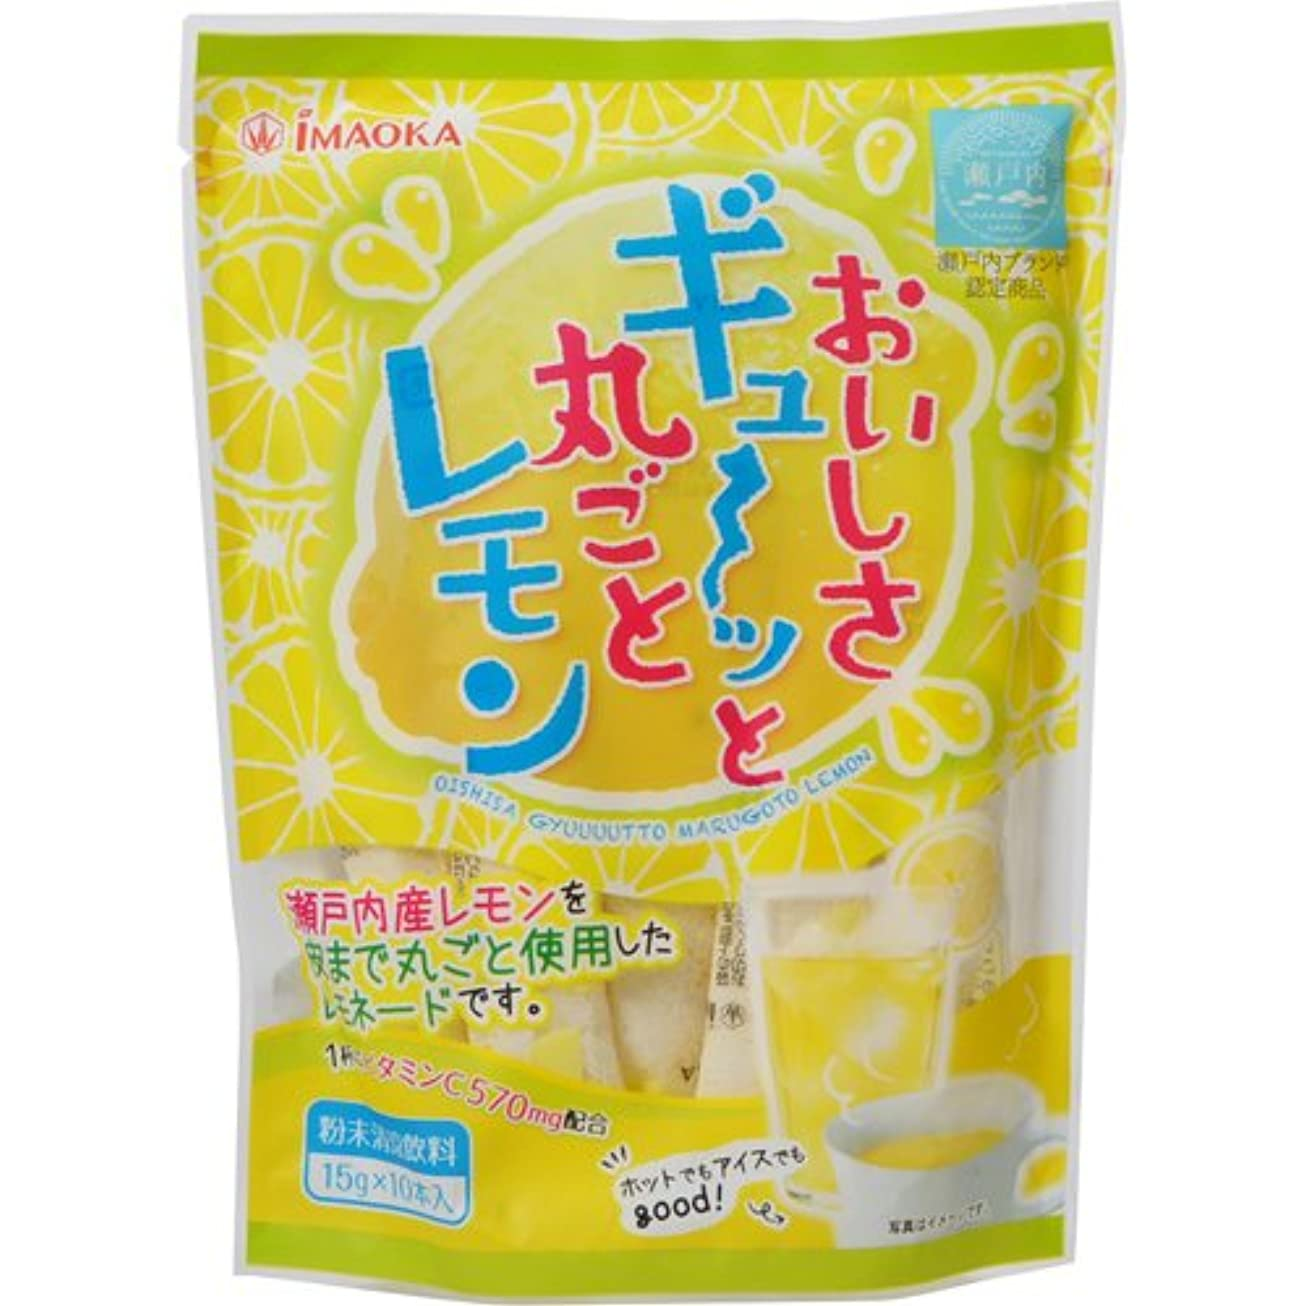 安心メトロポリタン経度今岡製菓  おいしさギュ~ッと丸ごとレモン  10包